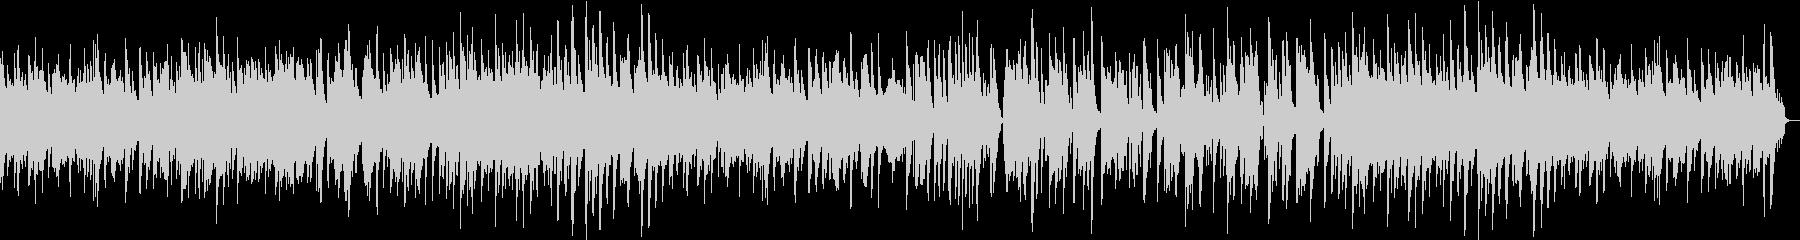 ほのぼのしたハーモニカのバラードの未再生の波形